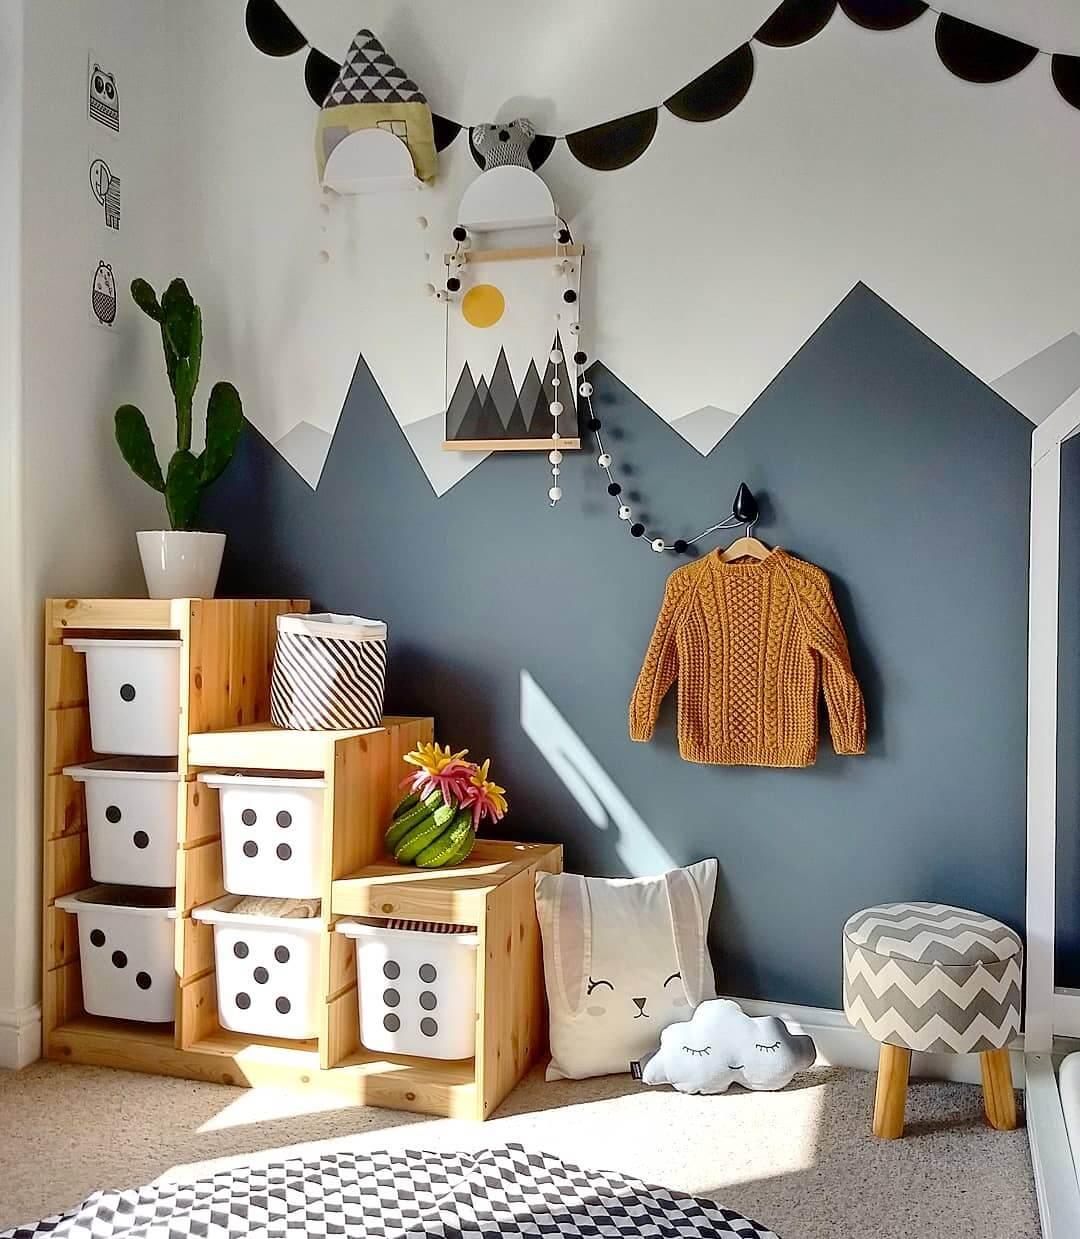 9 CREATIVE IKEA TROFAST HACKS FOR KIDS BEDROOMS • Grillo ...